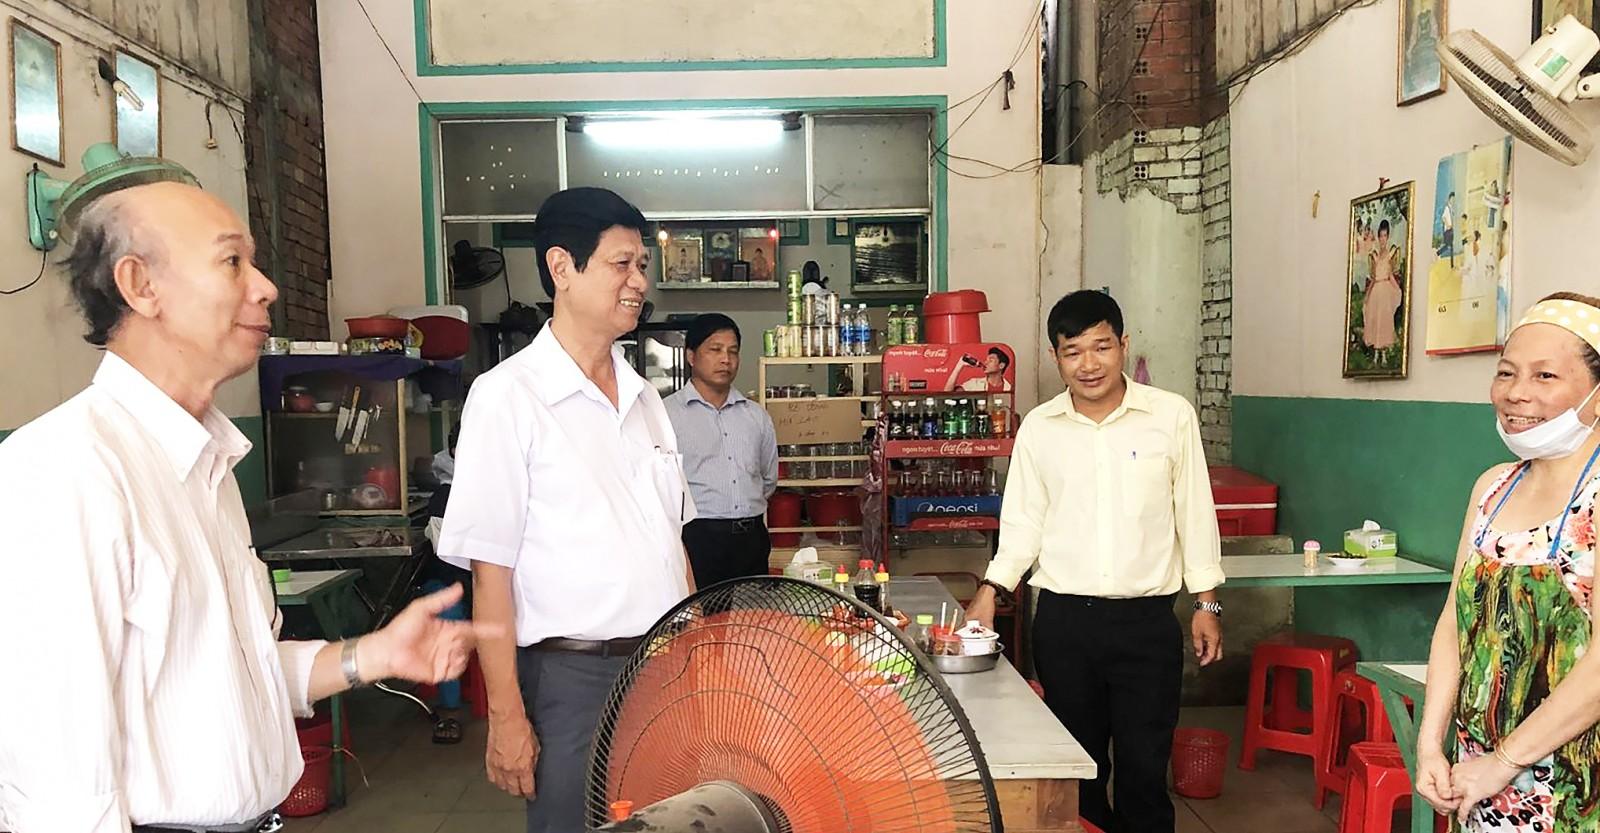 Phó Giám đốc Sở Y tế TP Cần Thơ Huỳnh Văn Nhanh (bên trái, thứ hai), Chi cục An toàn vệ sinh thực phẩm TP Cần Thơ trao đổi với thành viên quán bún riêu Hoa Phượng.